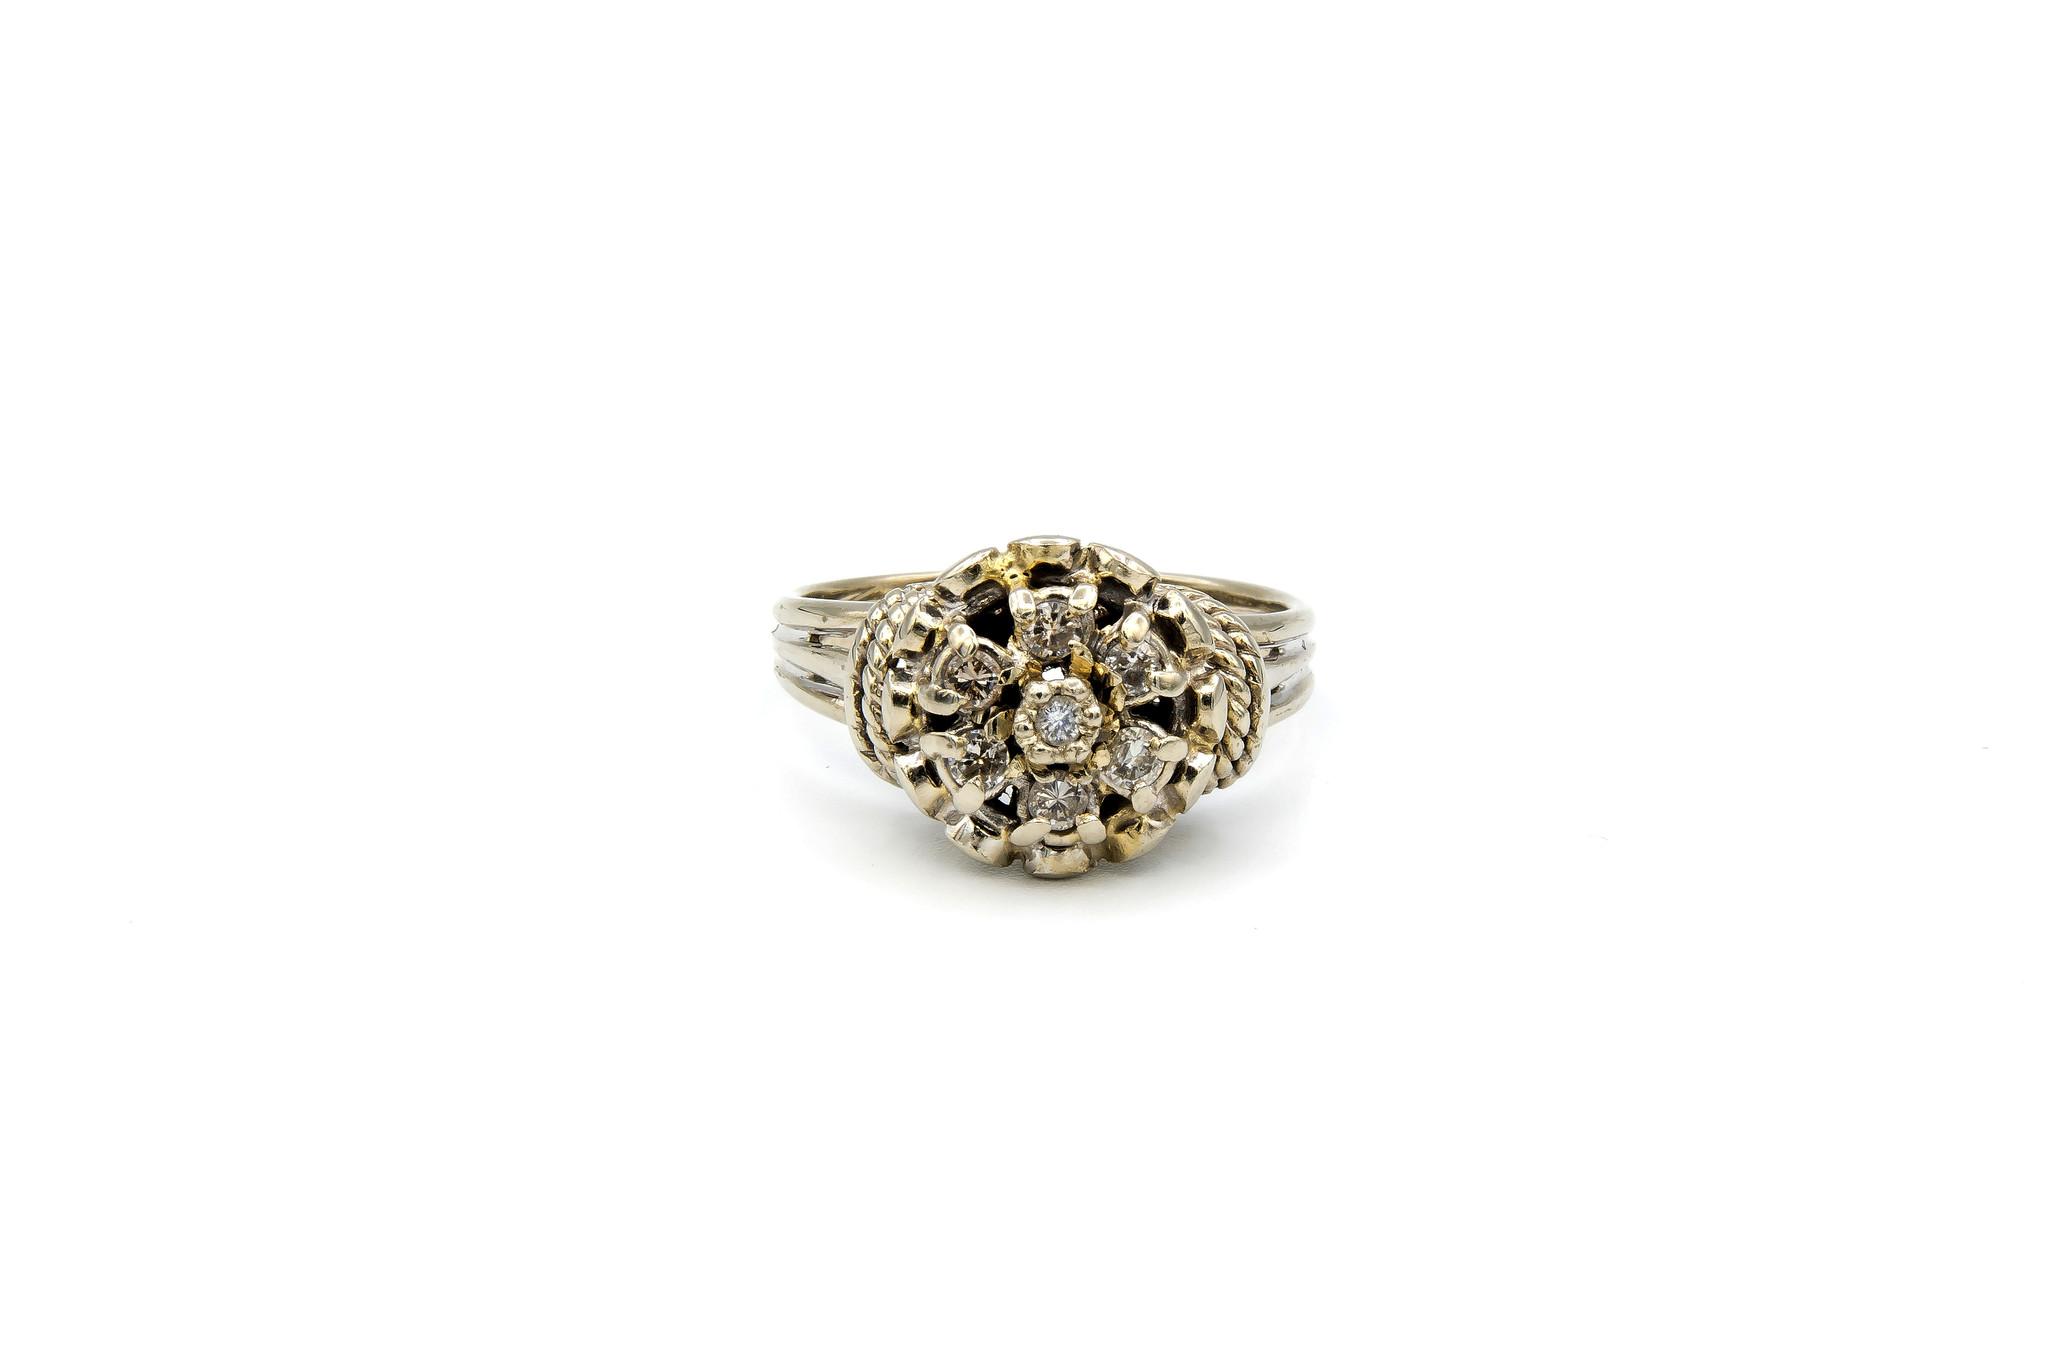 Ring verlovingsring diamant omringd door 6 lager ingezette diamanten witgoud-1